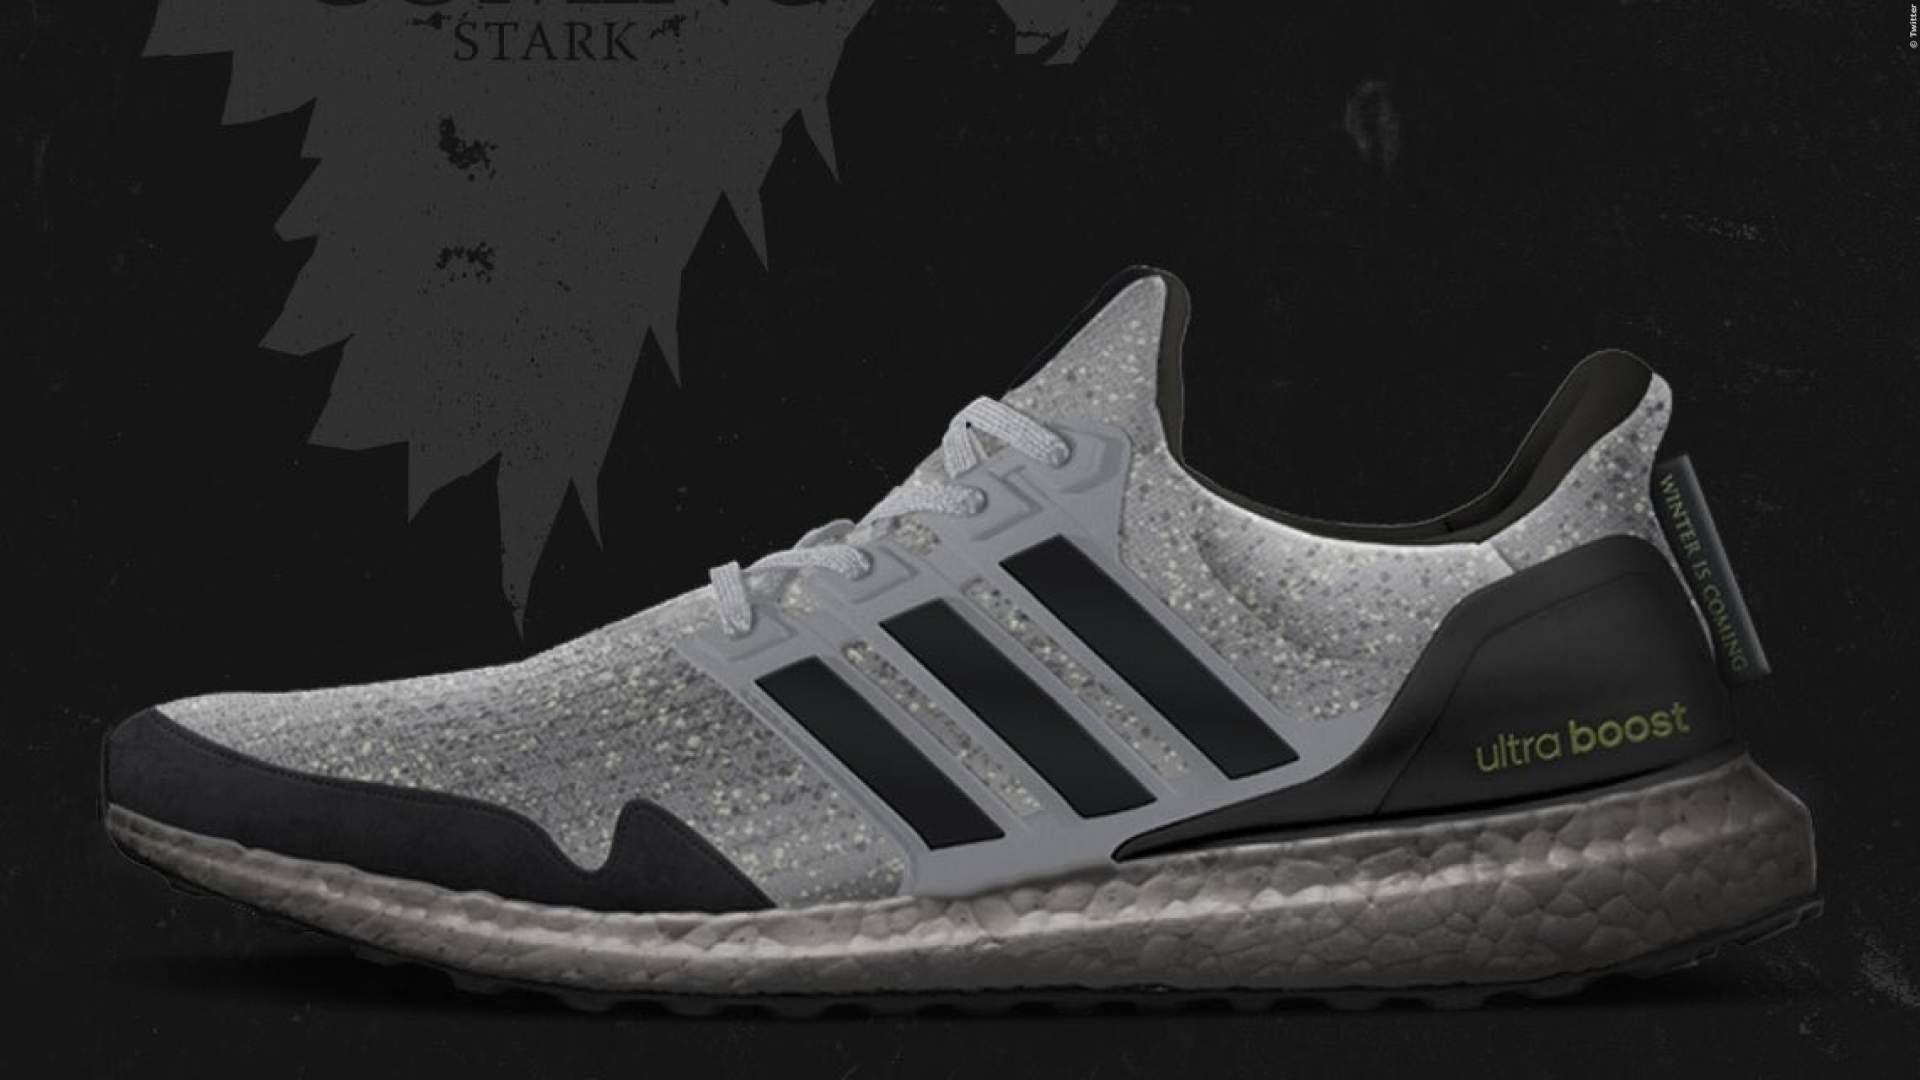 Game Of Thrones-Schuhe für echte Fans - Bild 3 von 6